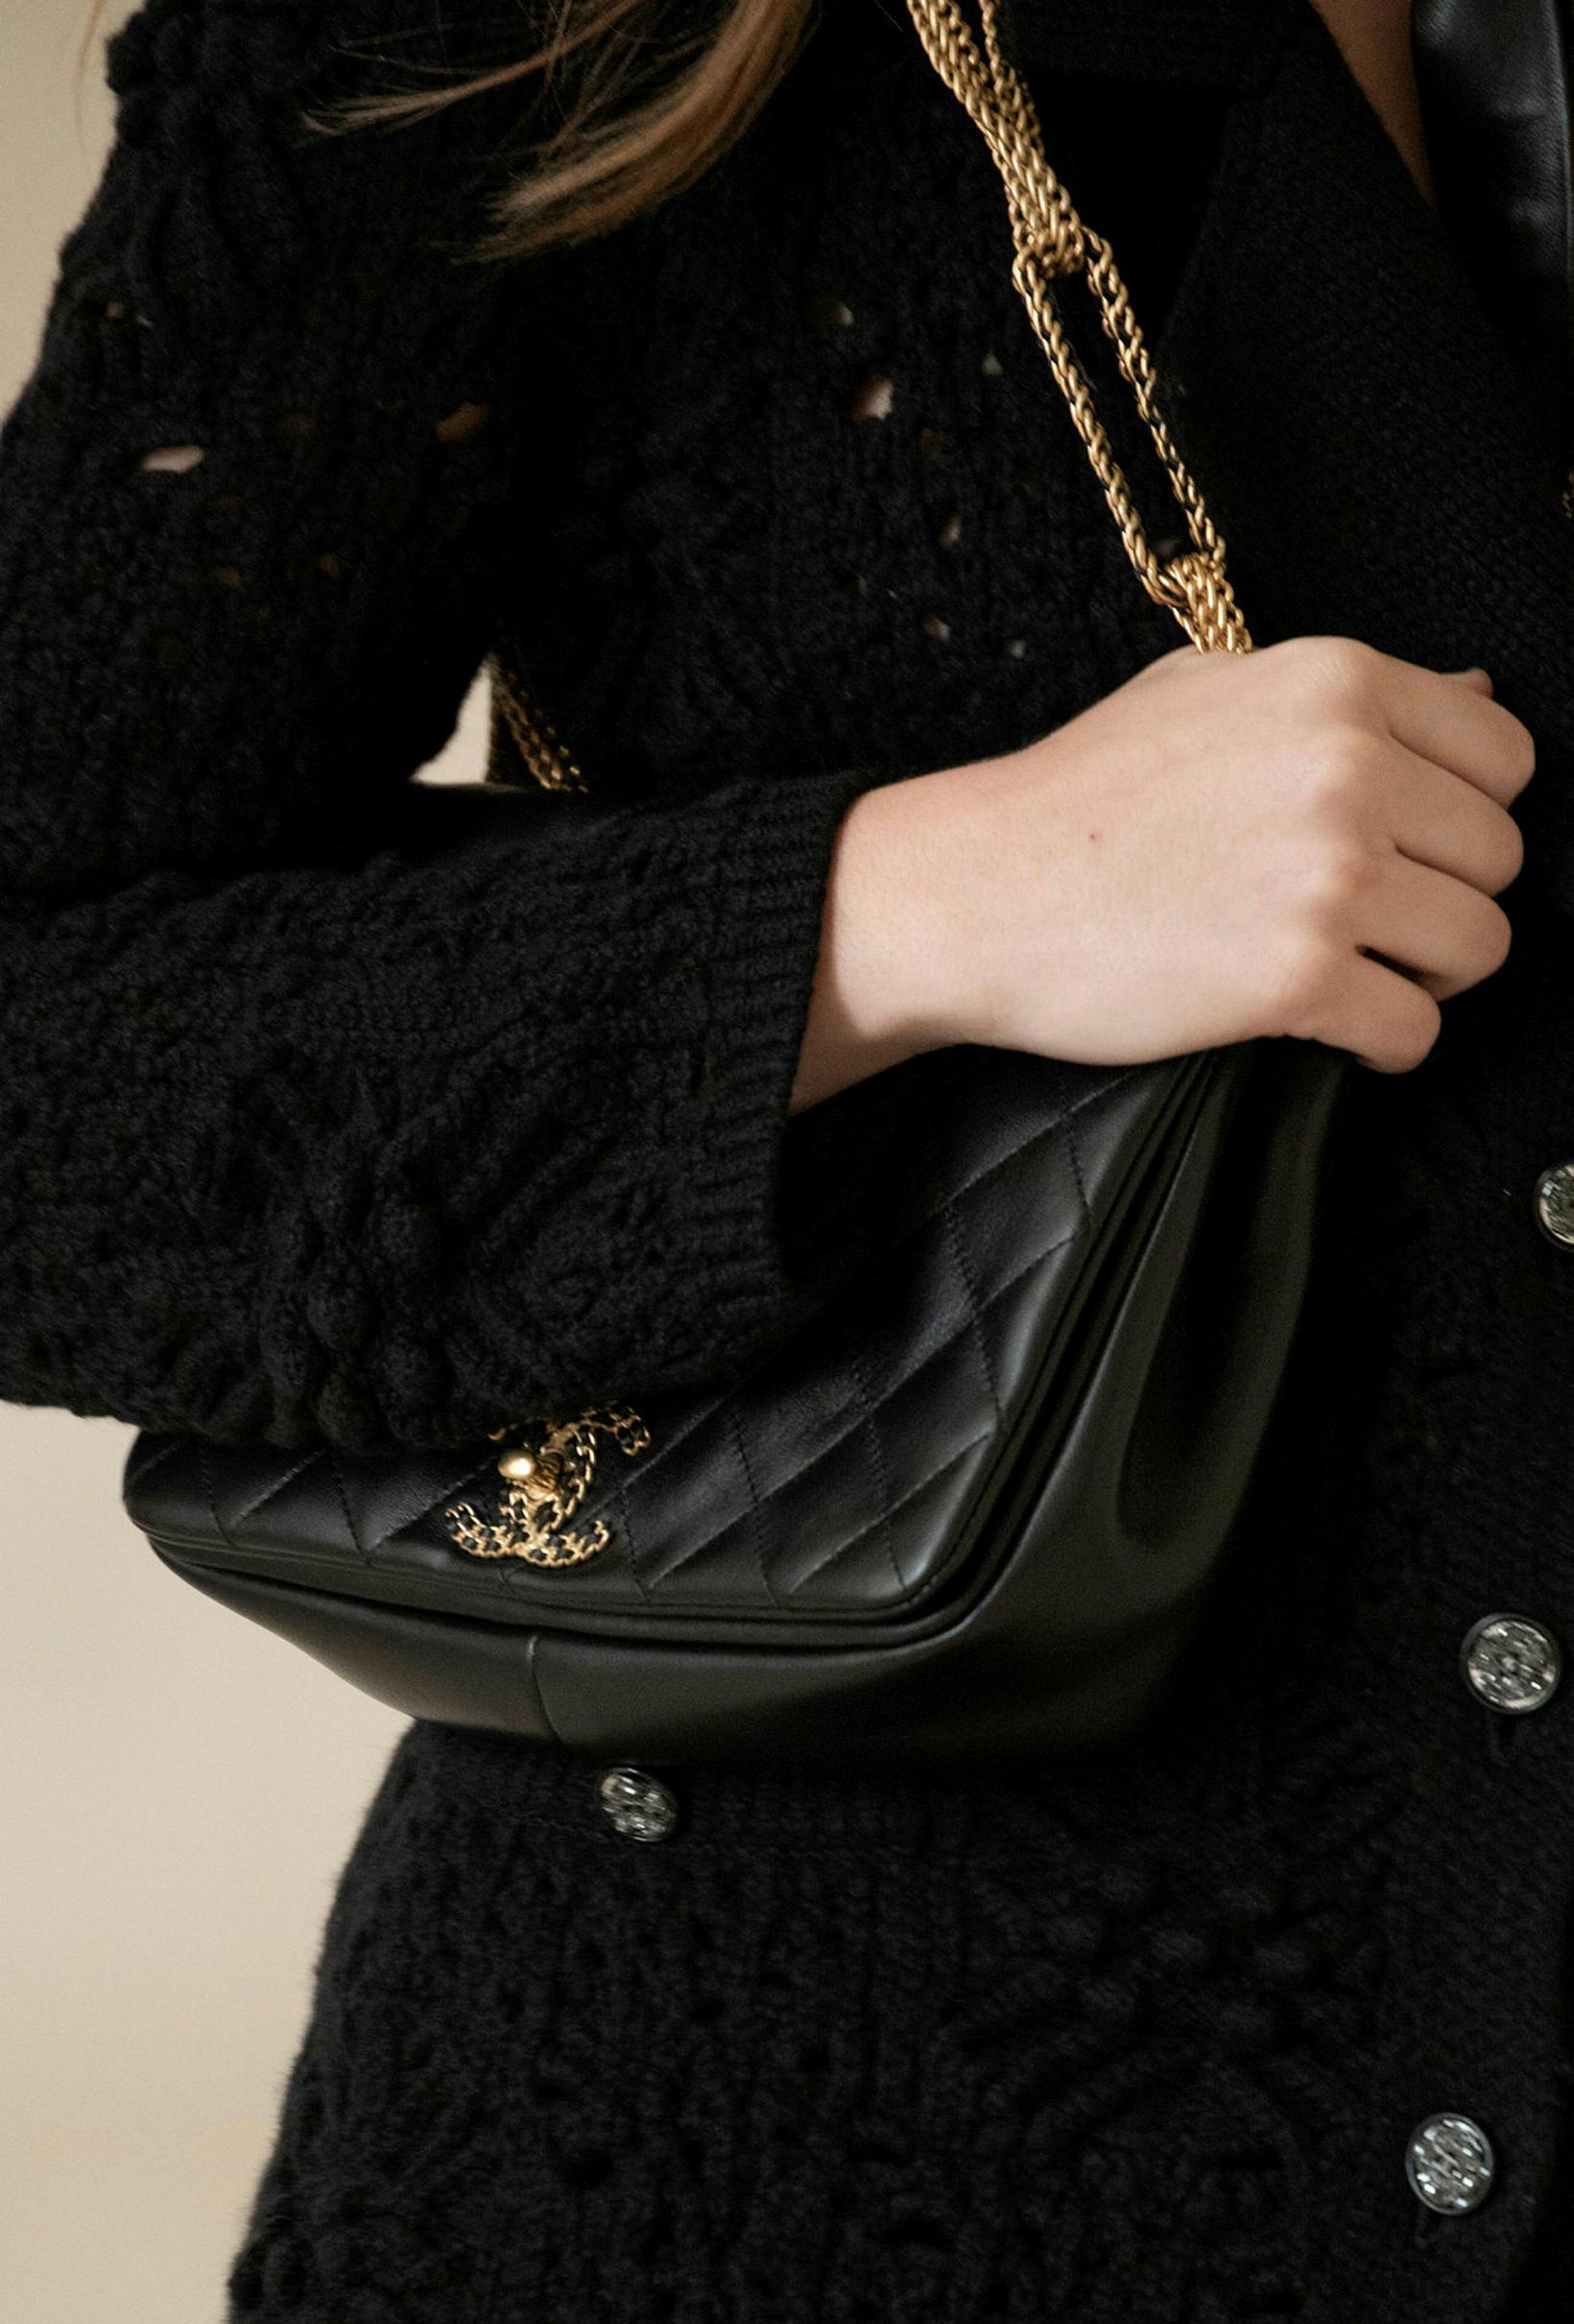 Hin klassíska Chanel-taska passar alltaf við allt.